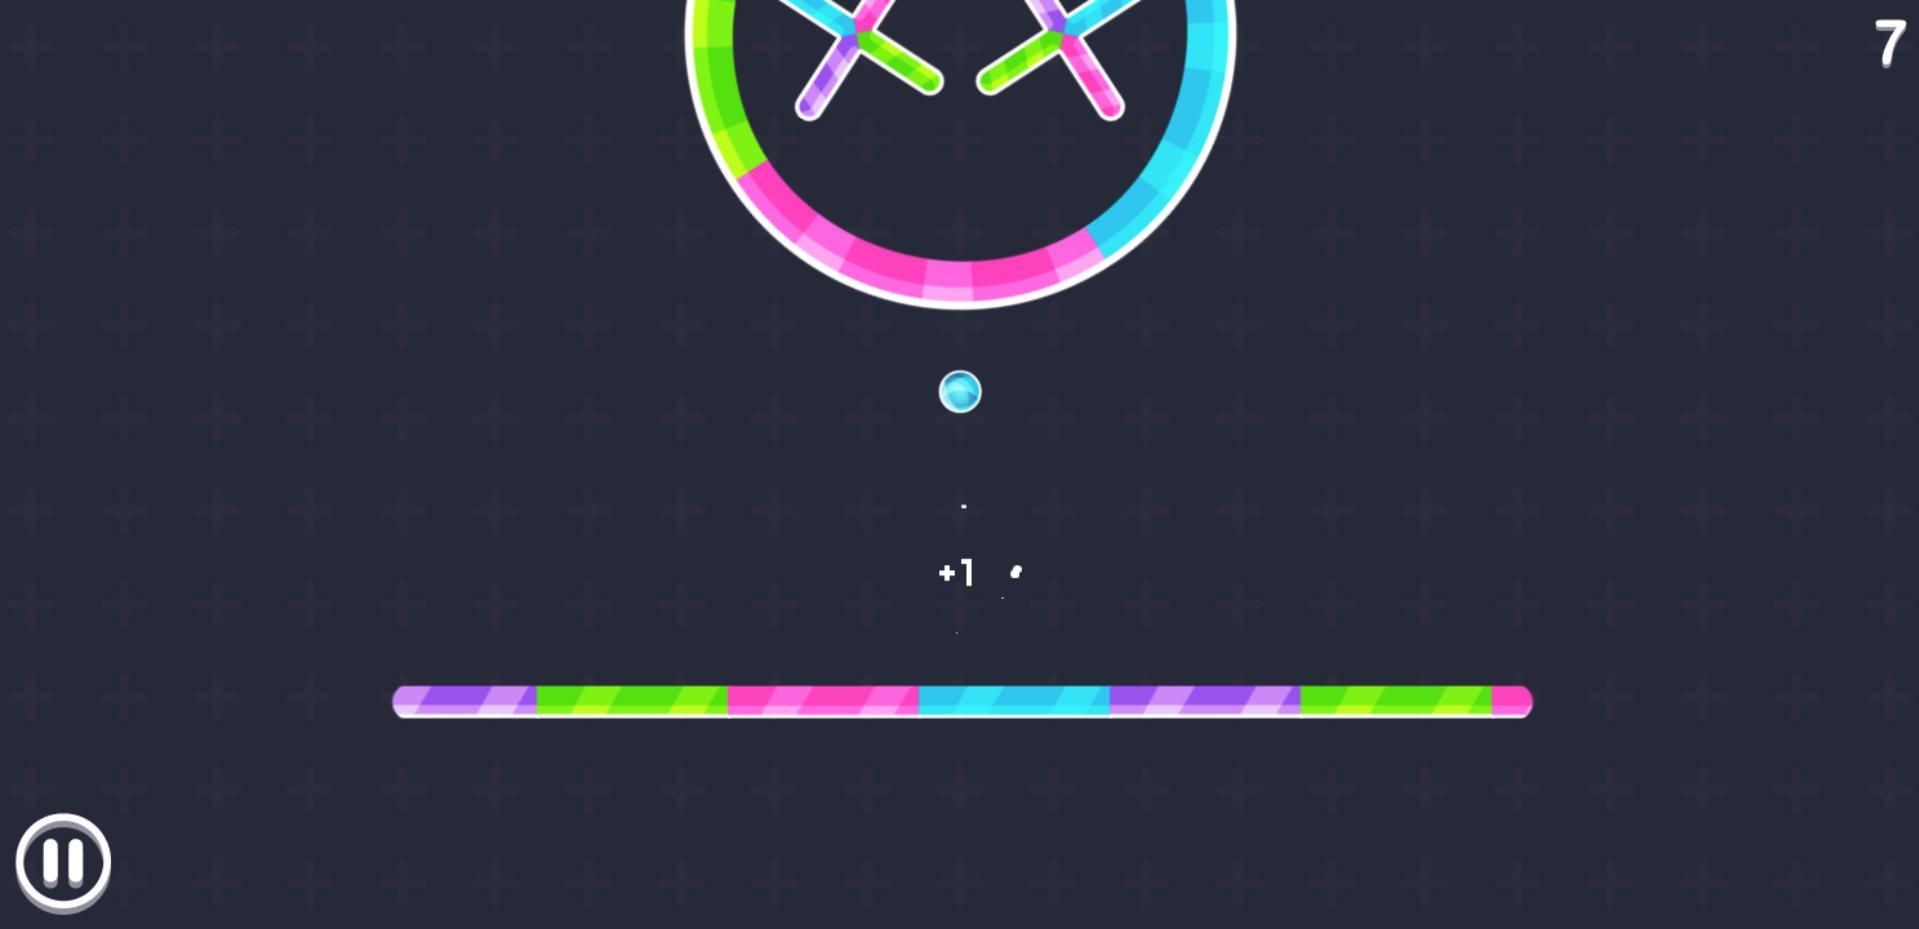 راهنمای بازی آنلاین رنگ و شکل